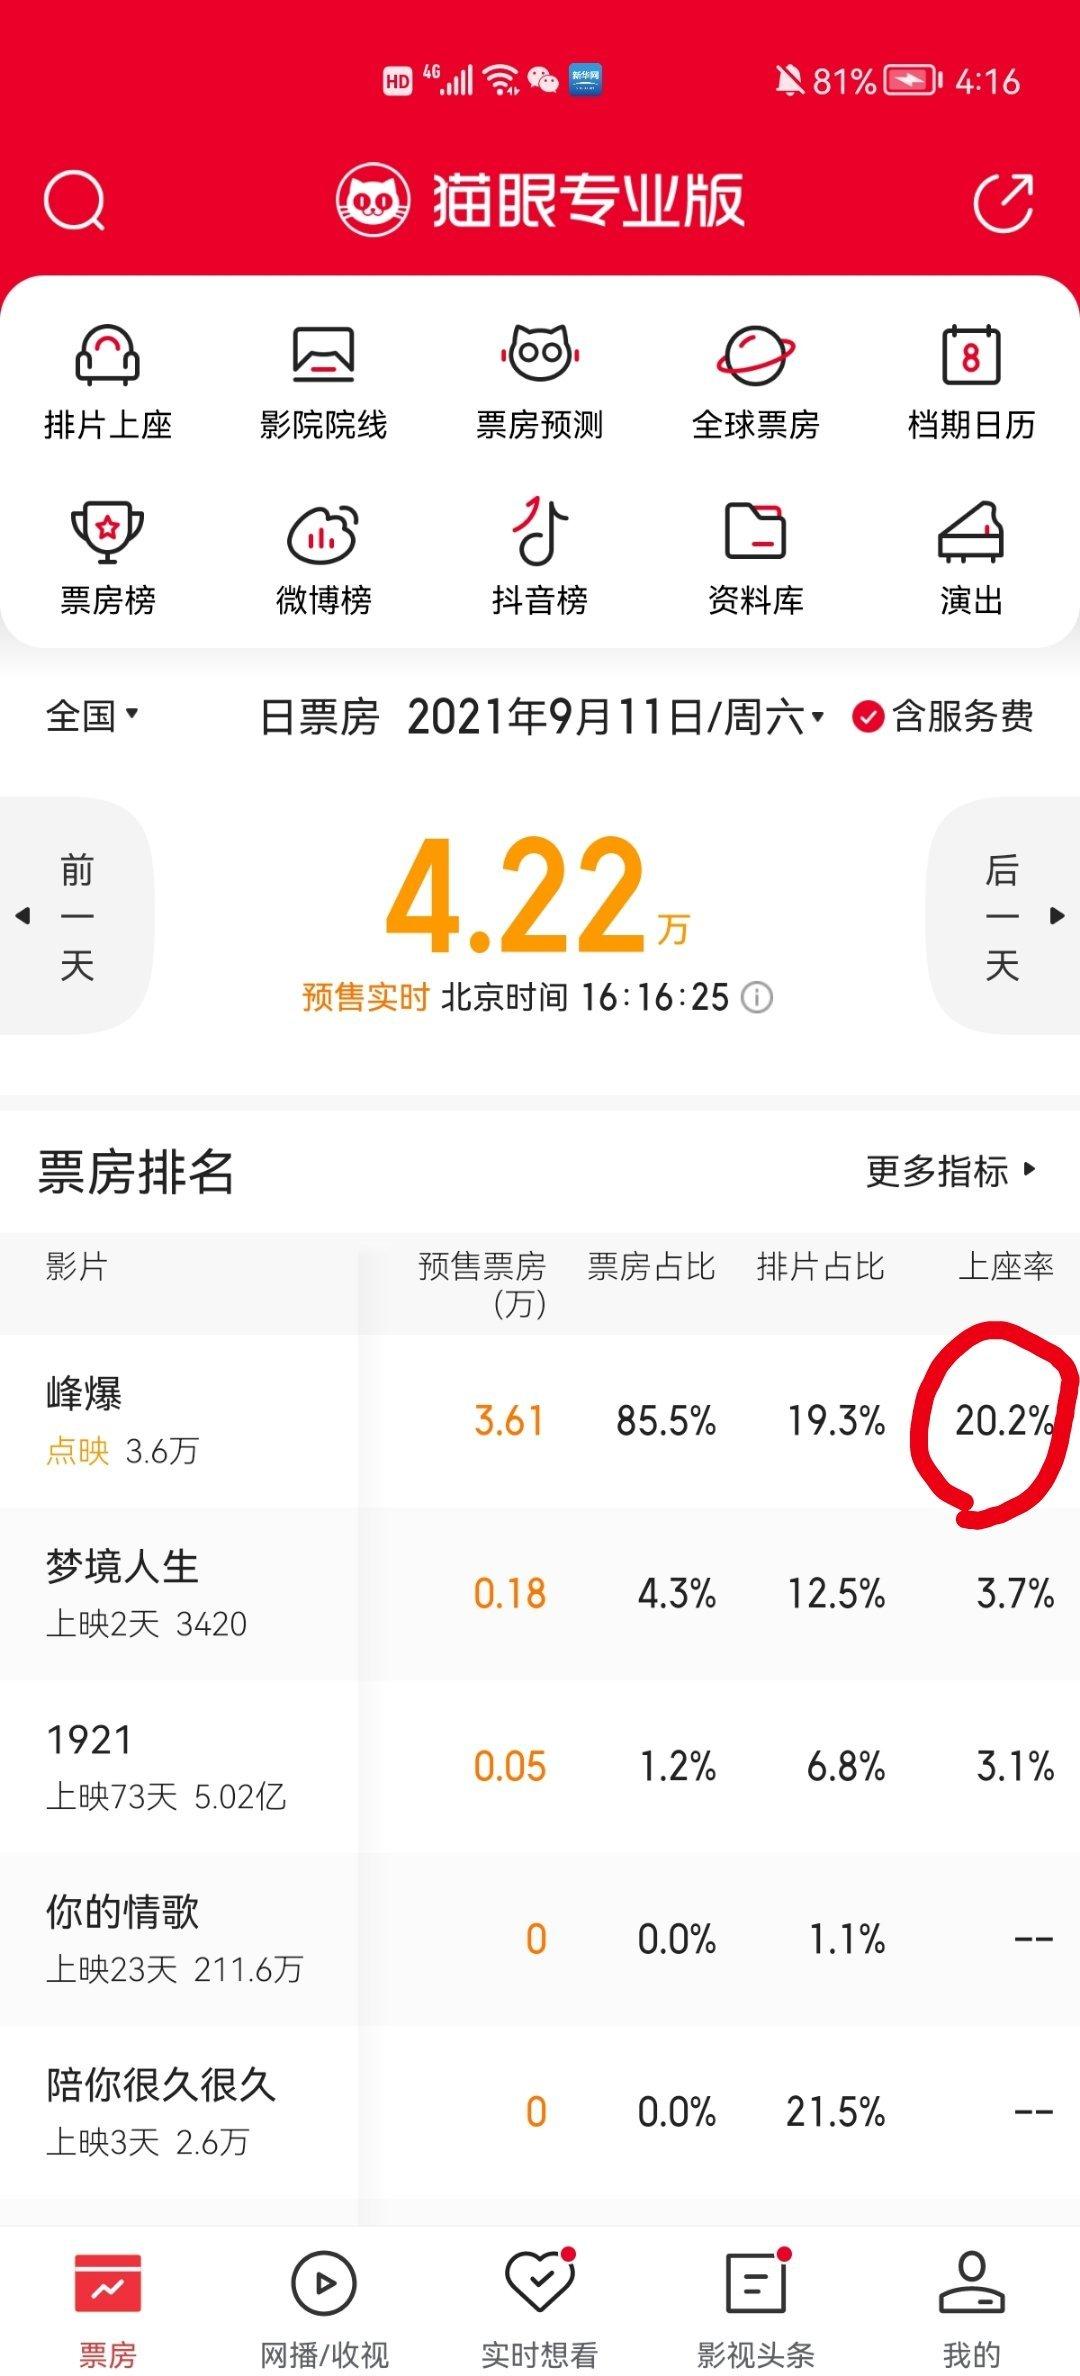 影视资讯8.31下午4:16《峰爆》点映实时上座率20.2%